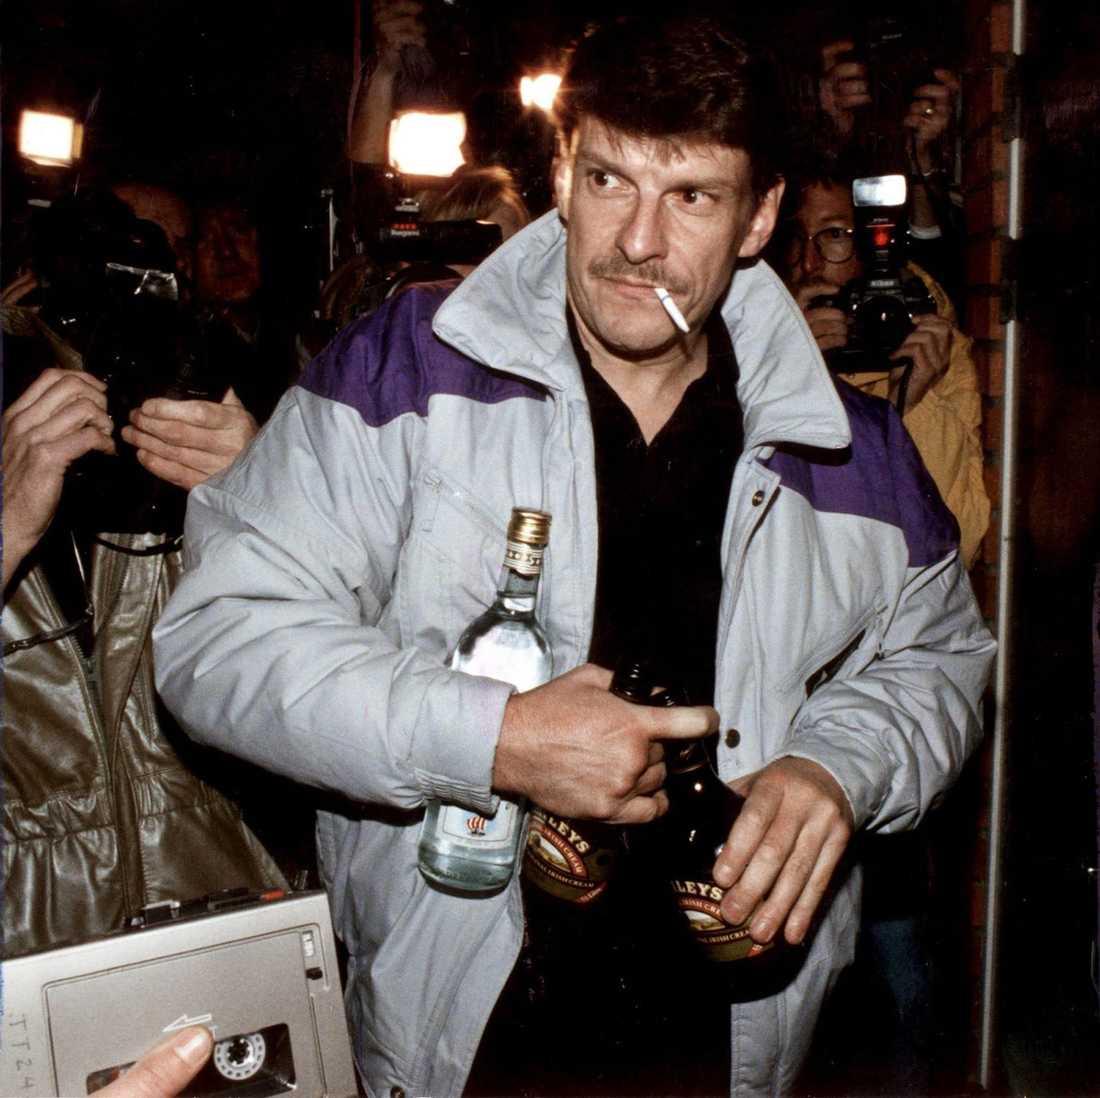 Christer Pettersson dömdes i juni 1989 för mordet på statsminister Olof Palme – men friades i hovrätten och släpptes i oktober samma år. Pettersson friades dock aldrig helt från misstankarna och blev kvar i rampljuset under resten av sitt liv.